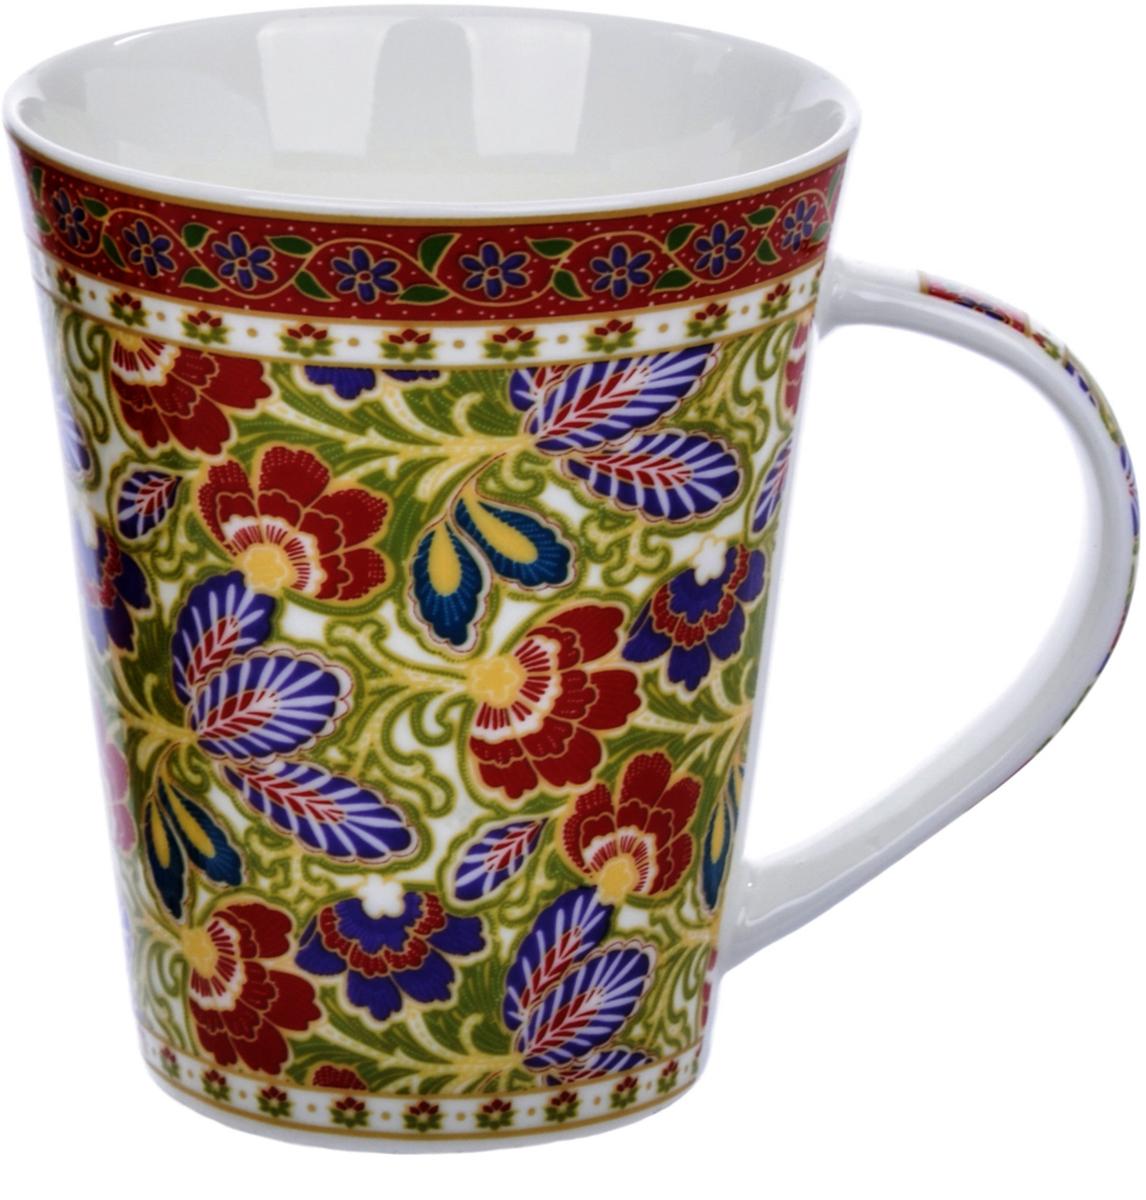 Кружка Liling Quanhu Цветочная фантазия. Дизайн 1, 380 мл кружки из императорского фарфора купить в спб